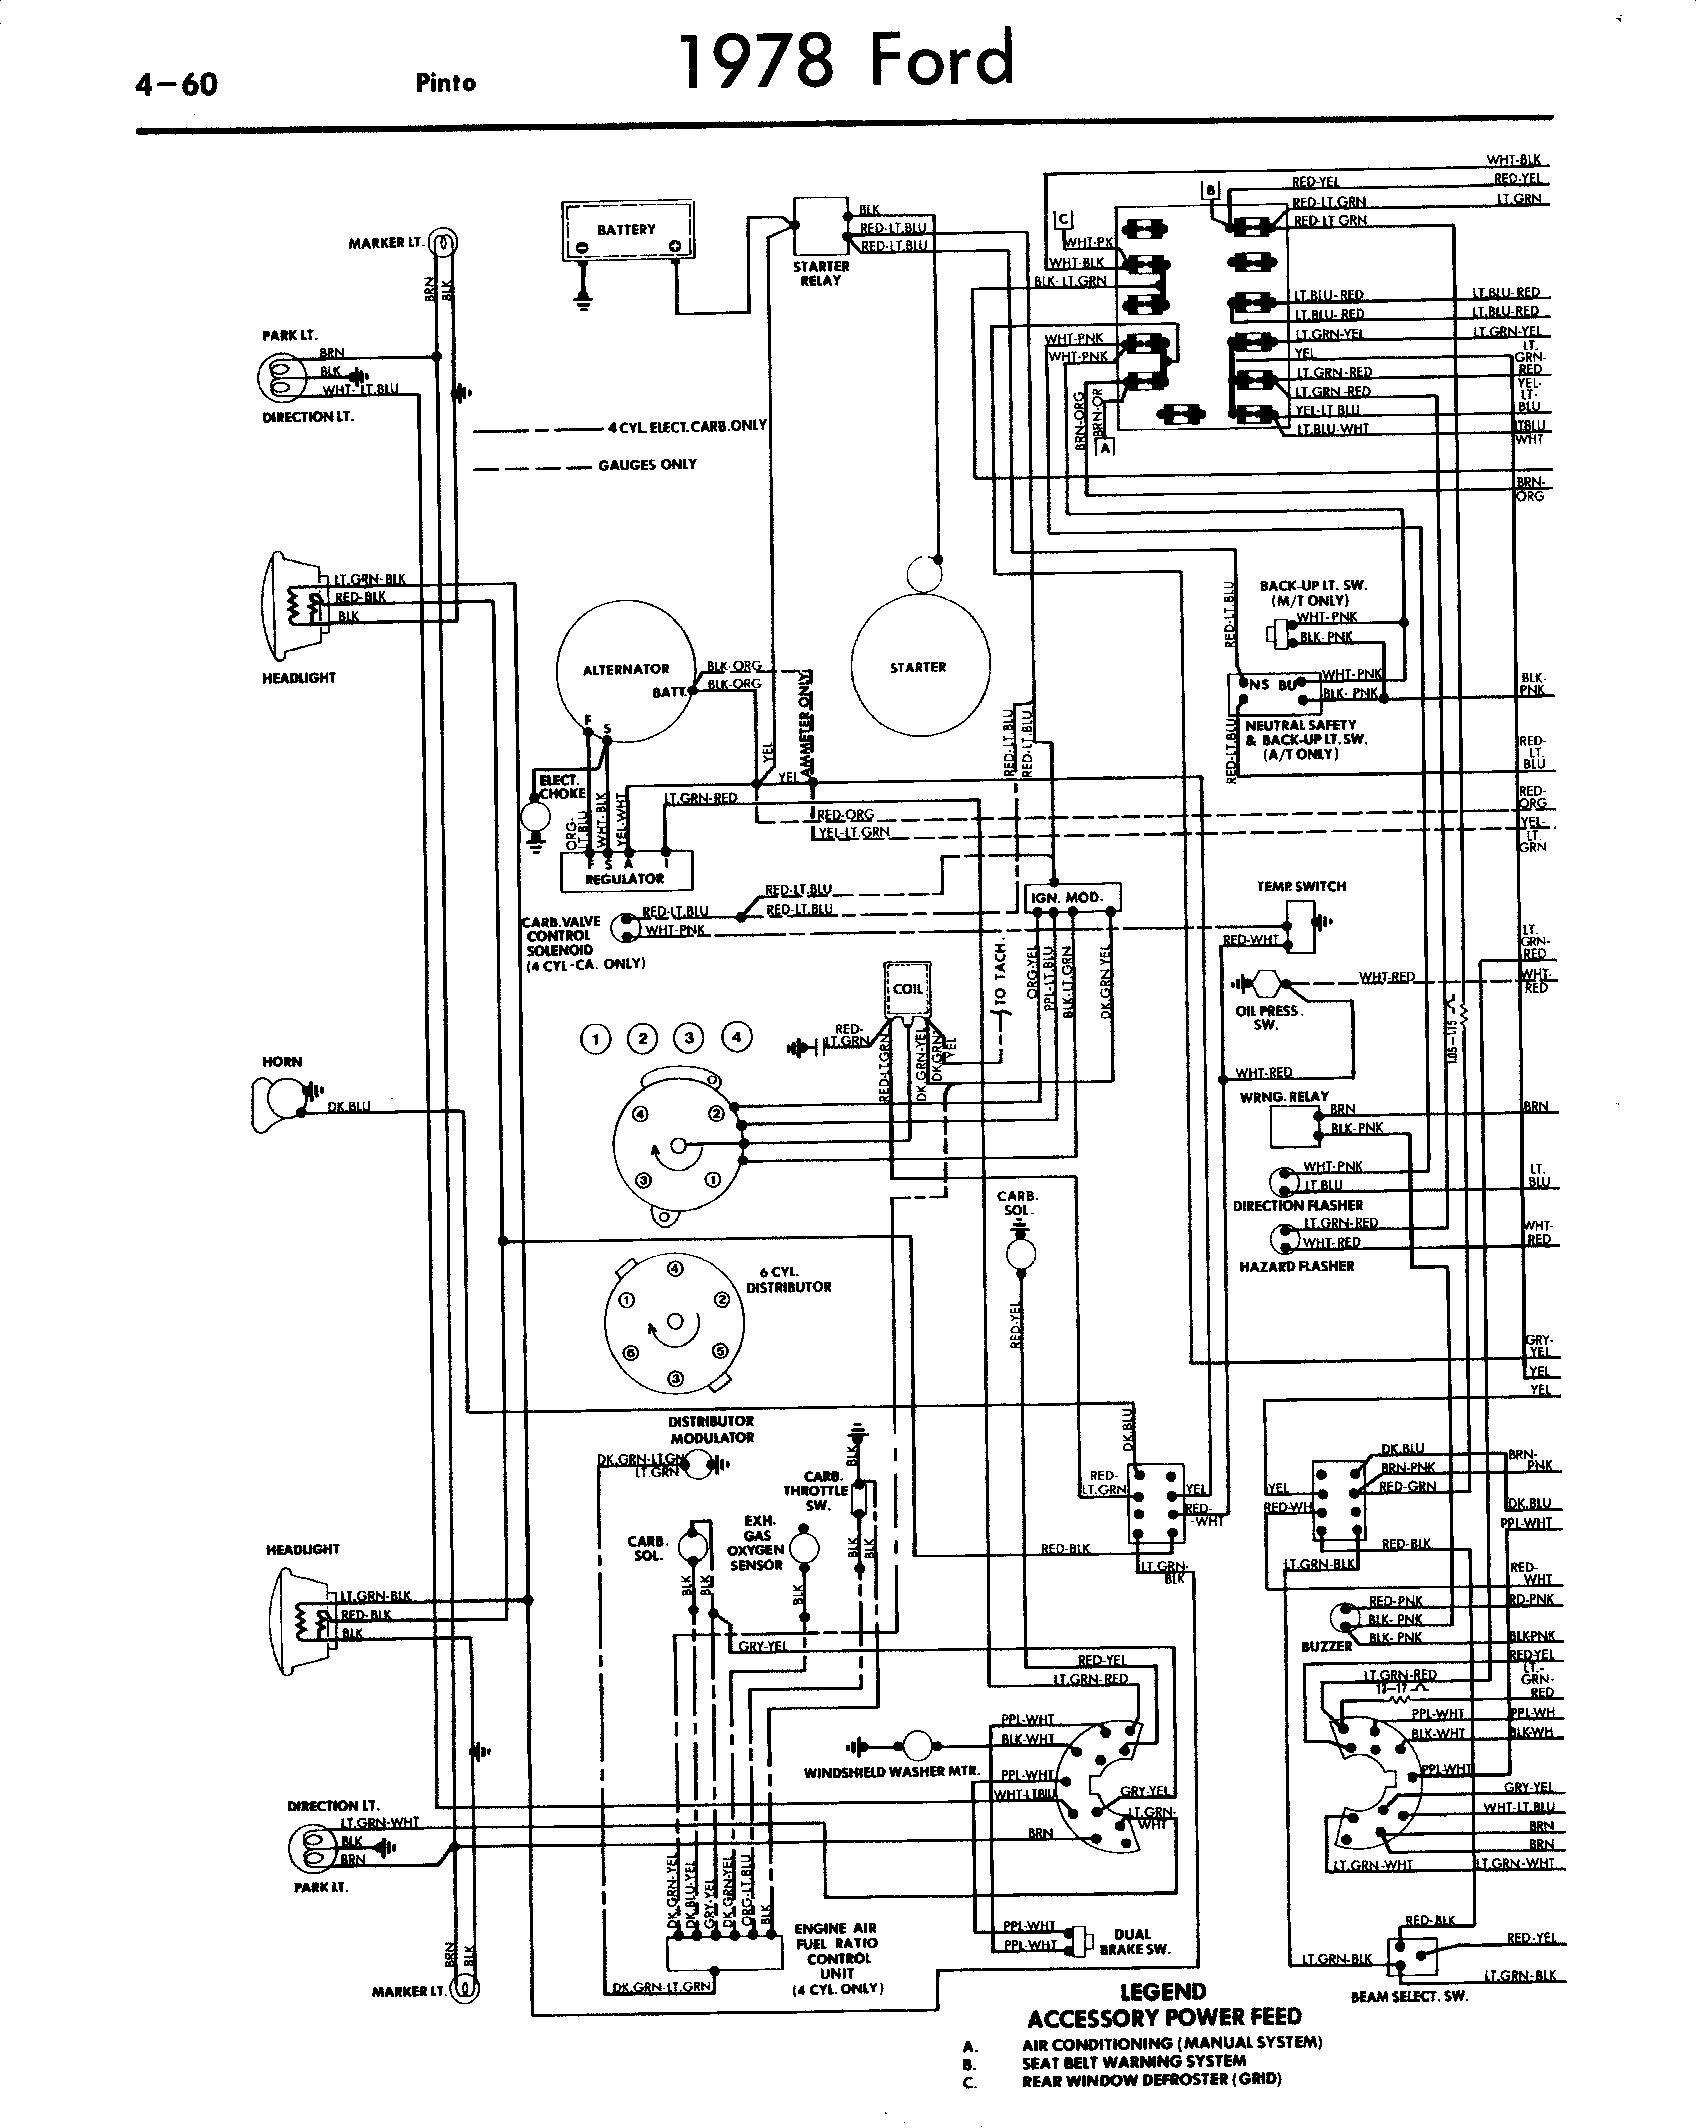 30 7 3 Powerstroke Glow Plug Relay Wiring Diagram